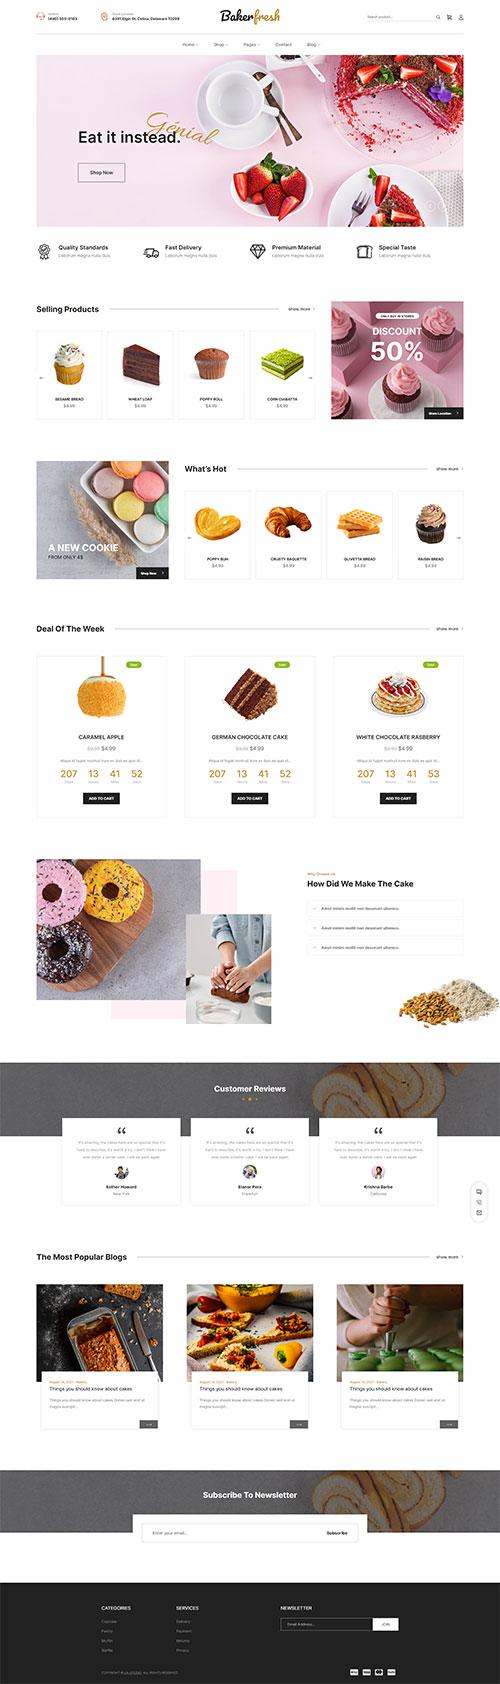 Mẫu-web-Tiệm-bánh-đồ-ăn-nhanh--Cake-shop-09